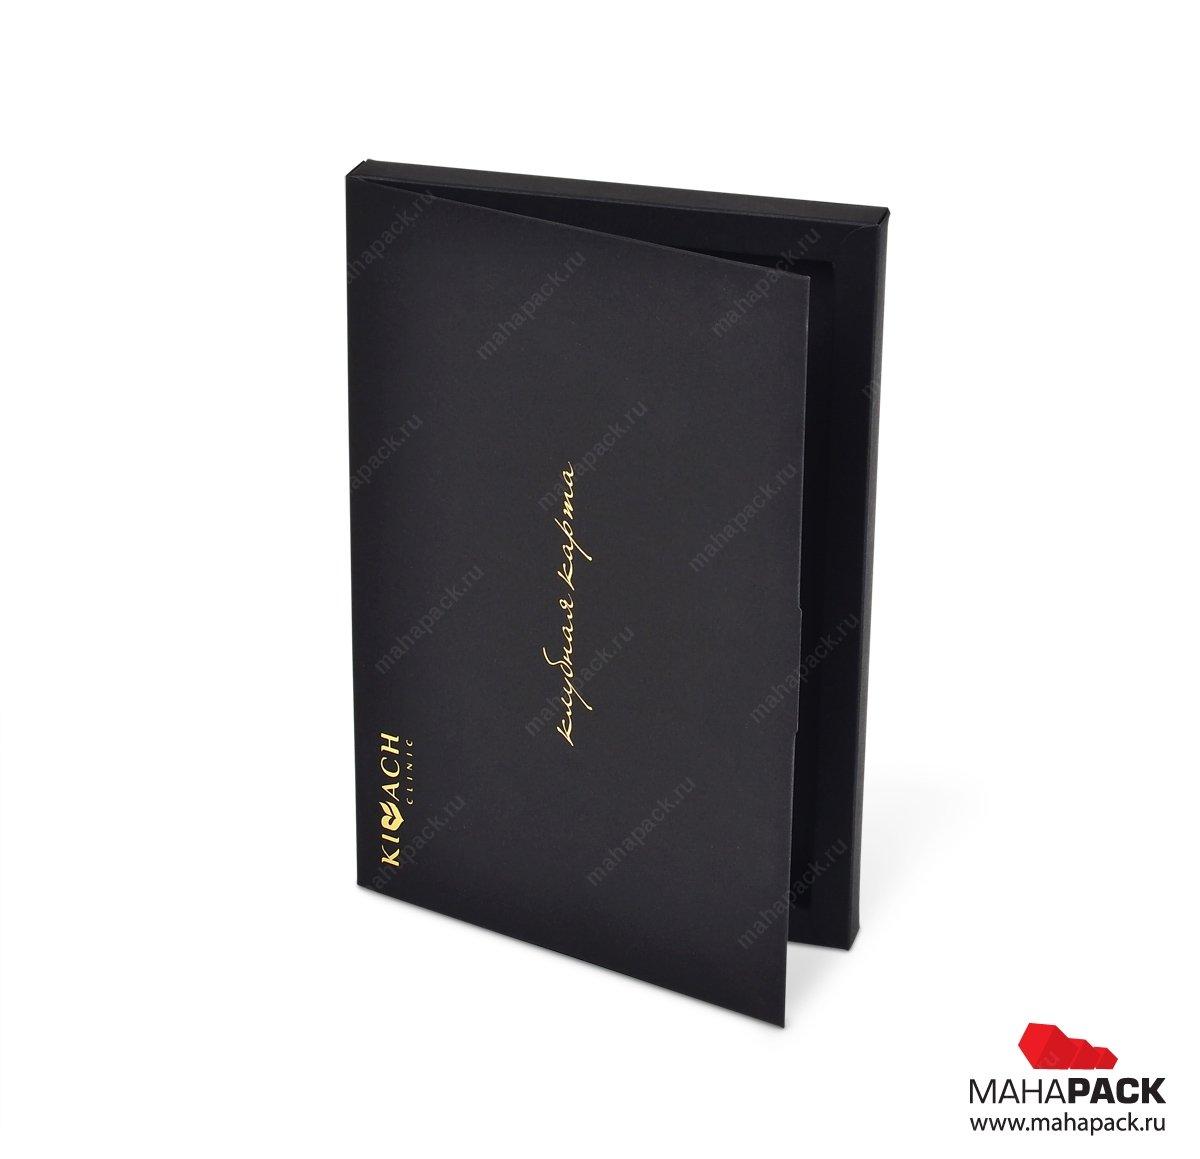 Картонная коробка с двойными бортами для клубной карты